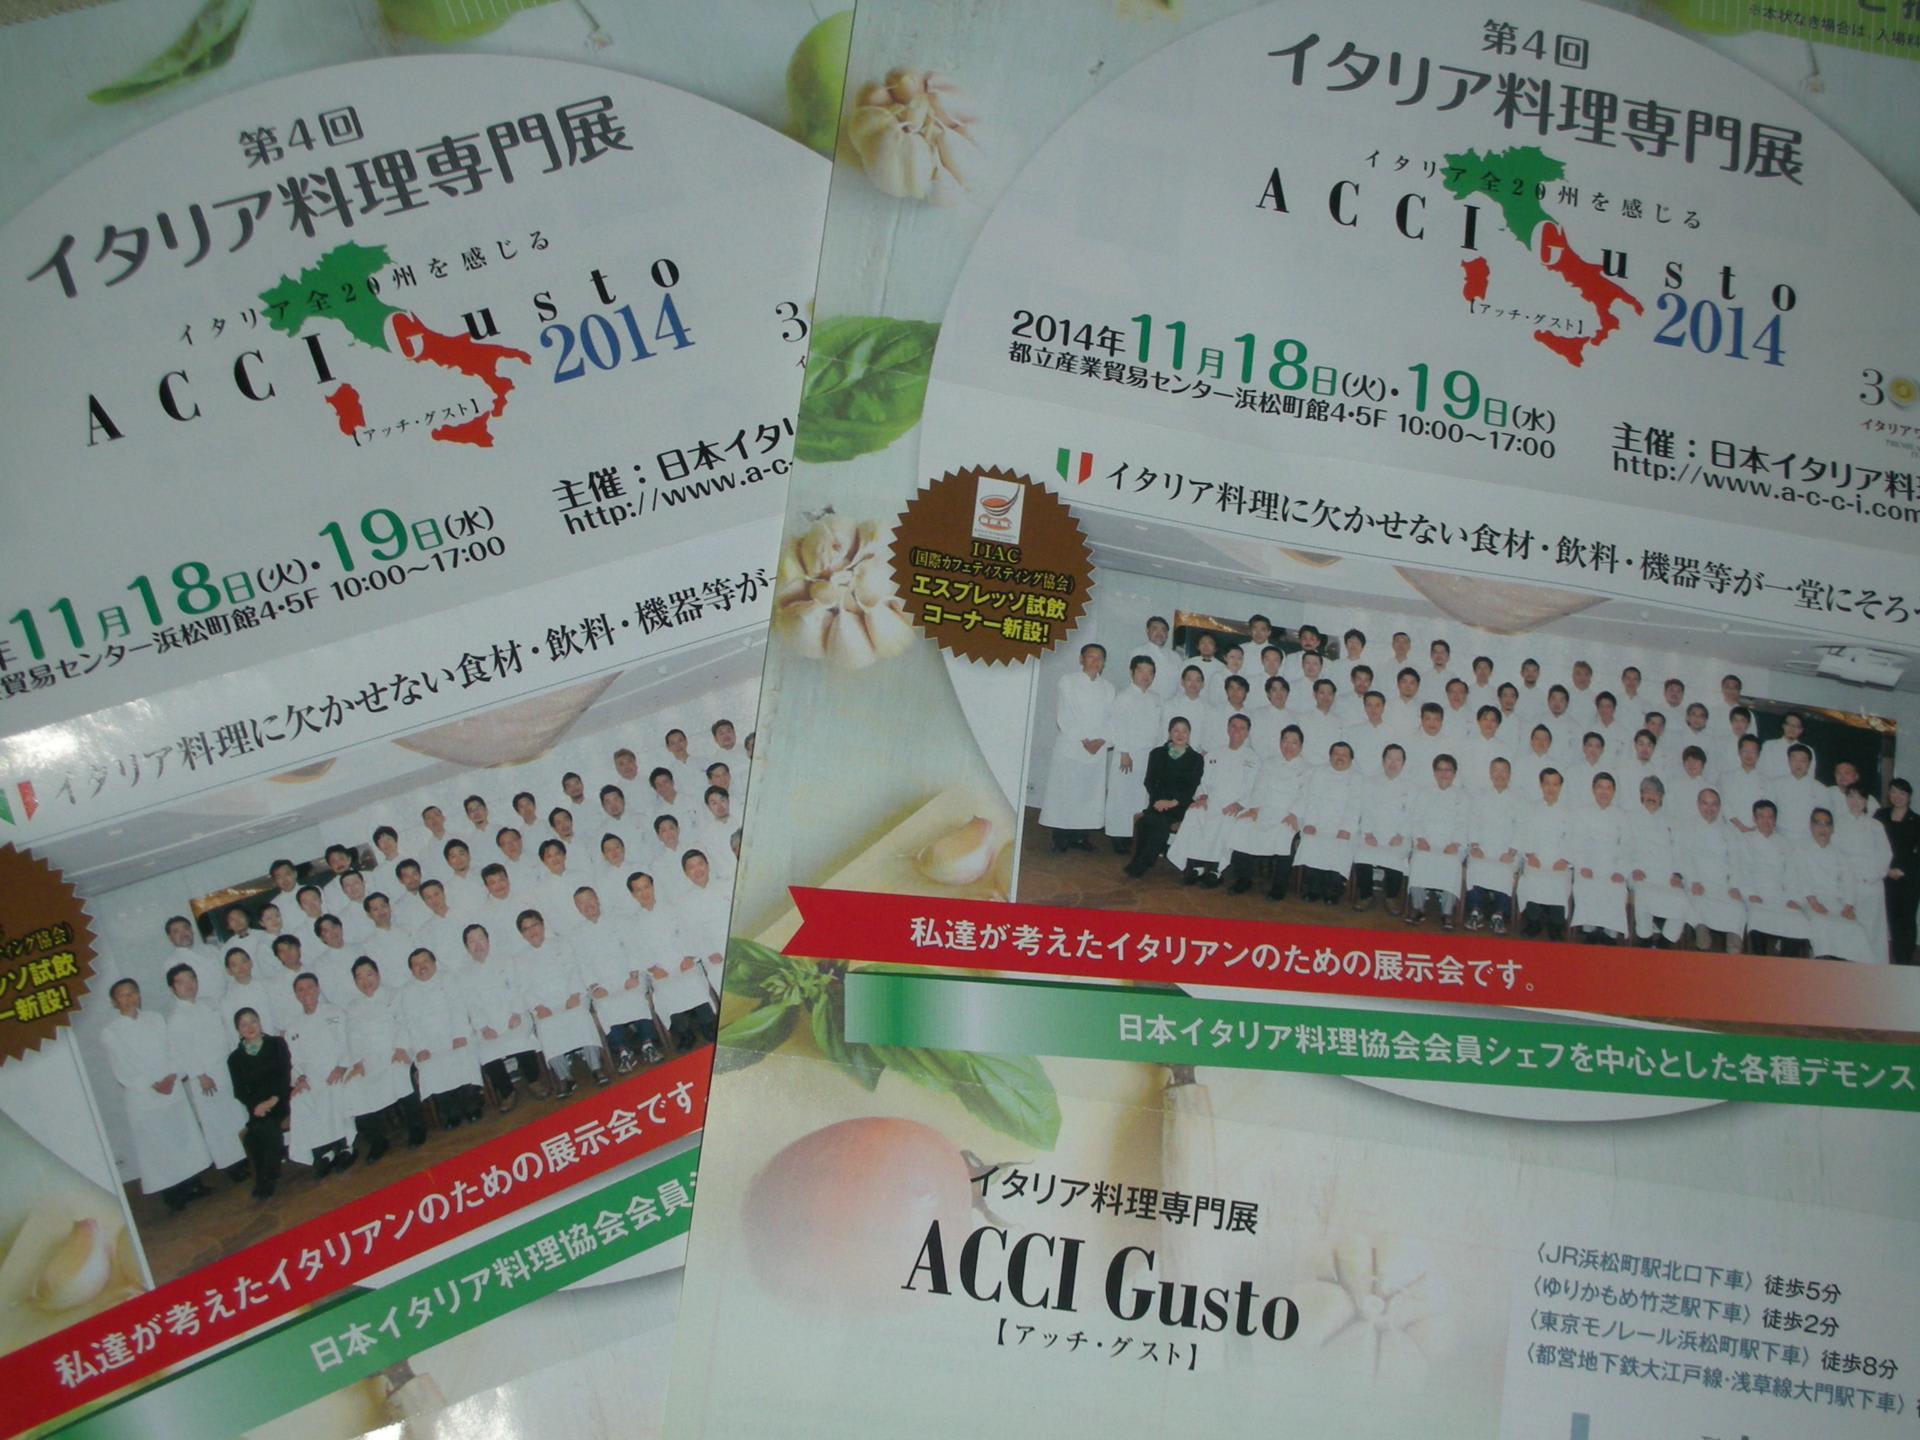 日本中国料理協会 - 協会情報 - 概要 - jaccc.or.jp